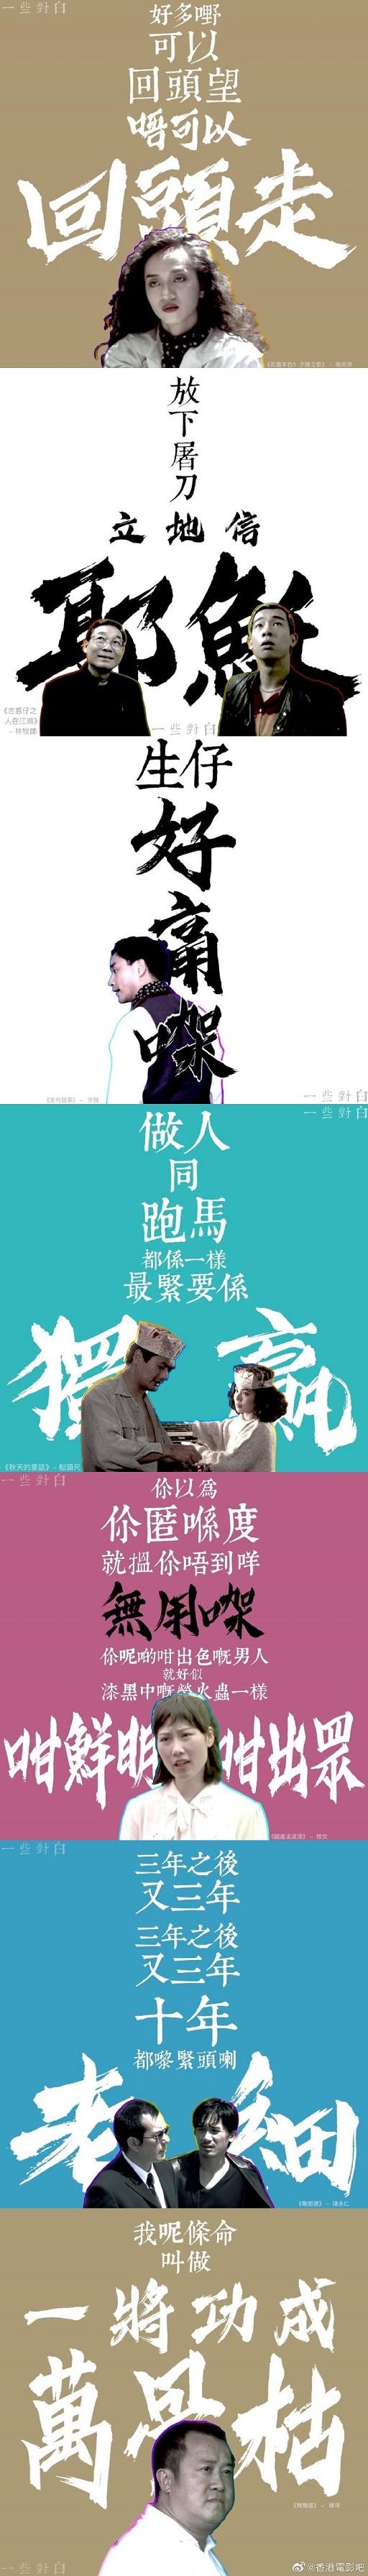 香港映画と台詞2